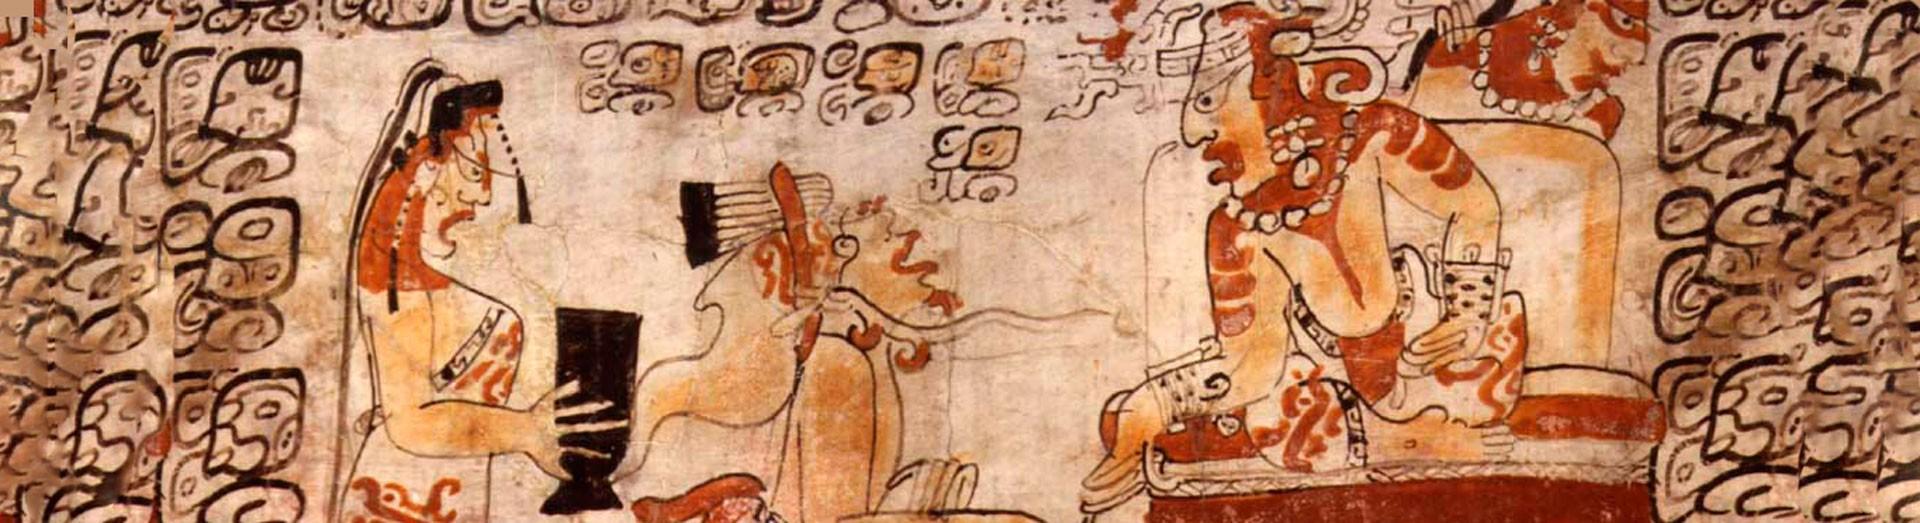 Pequeña historia industrial: origen del chocolate